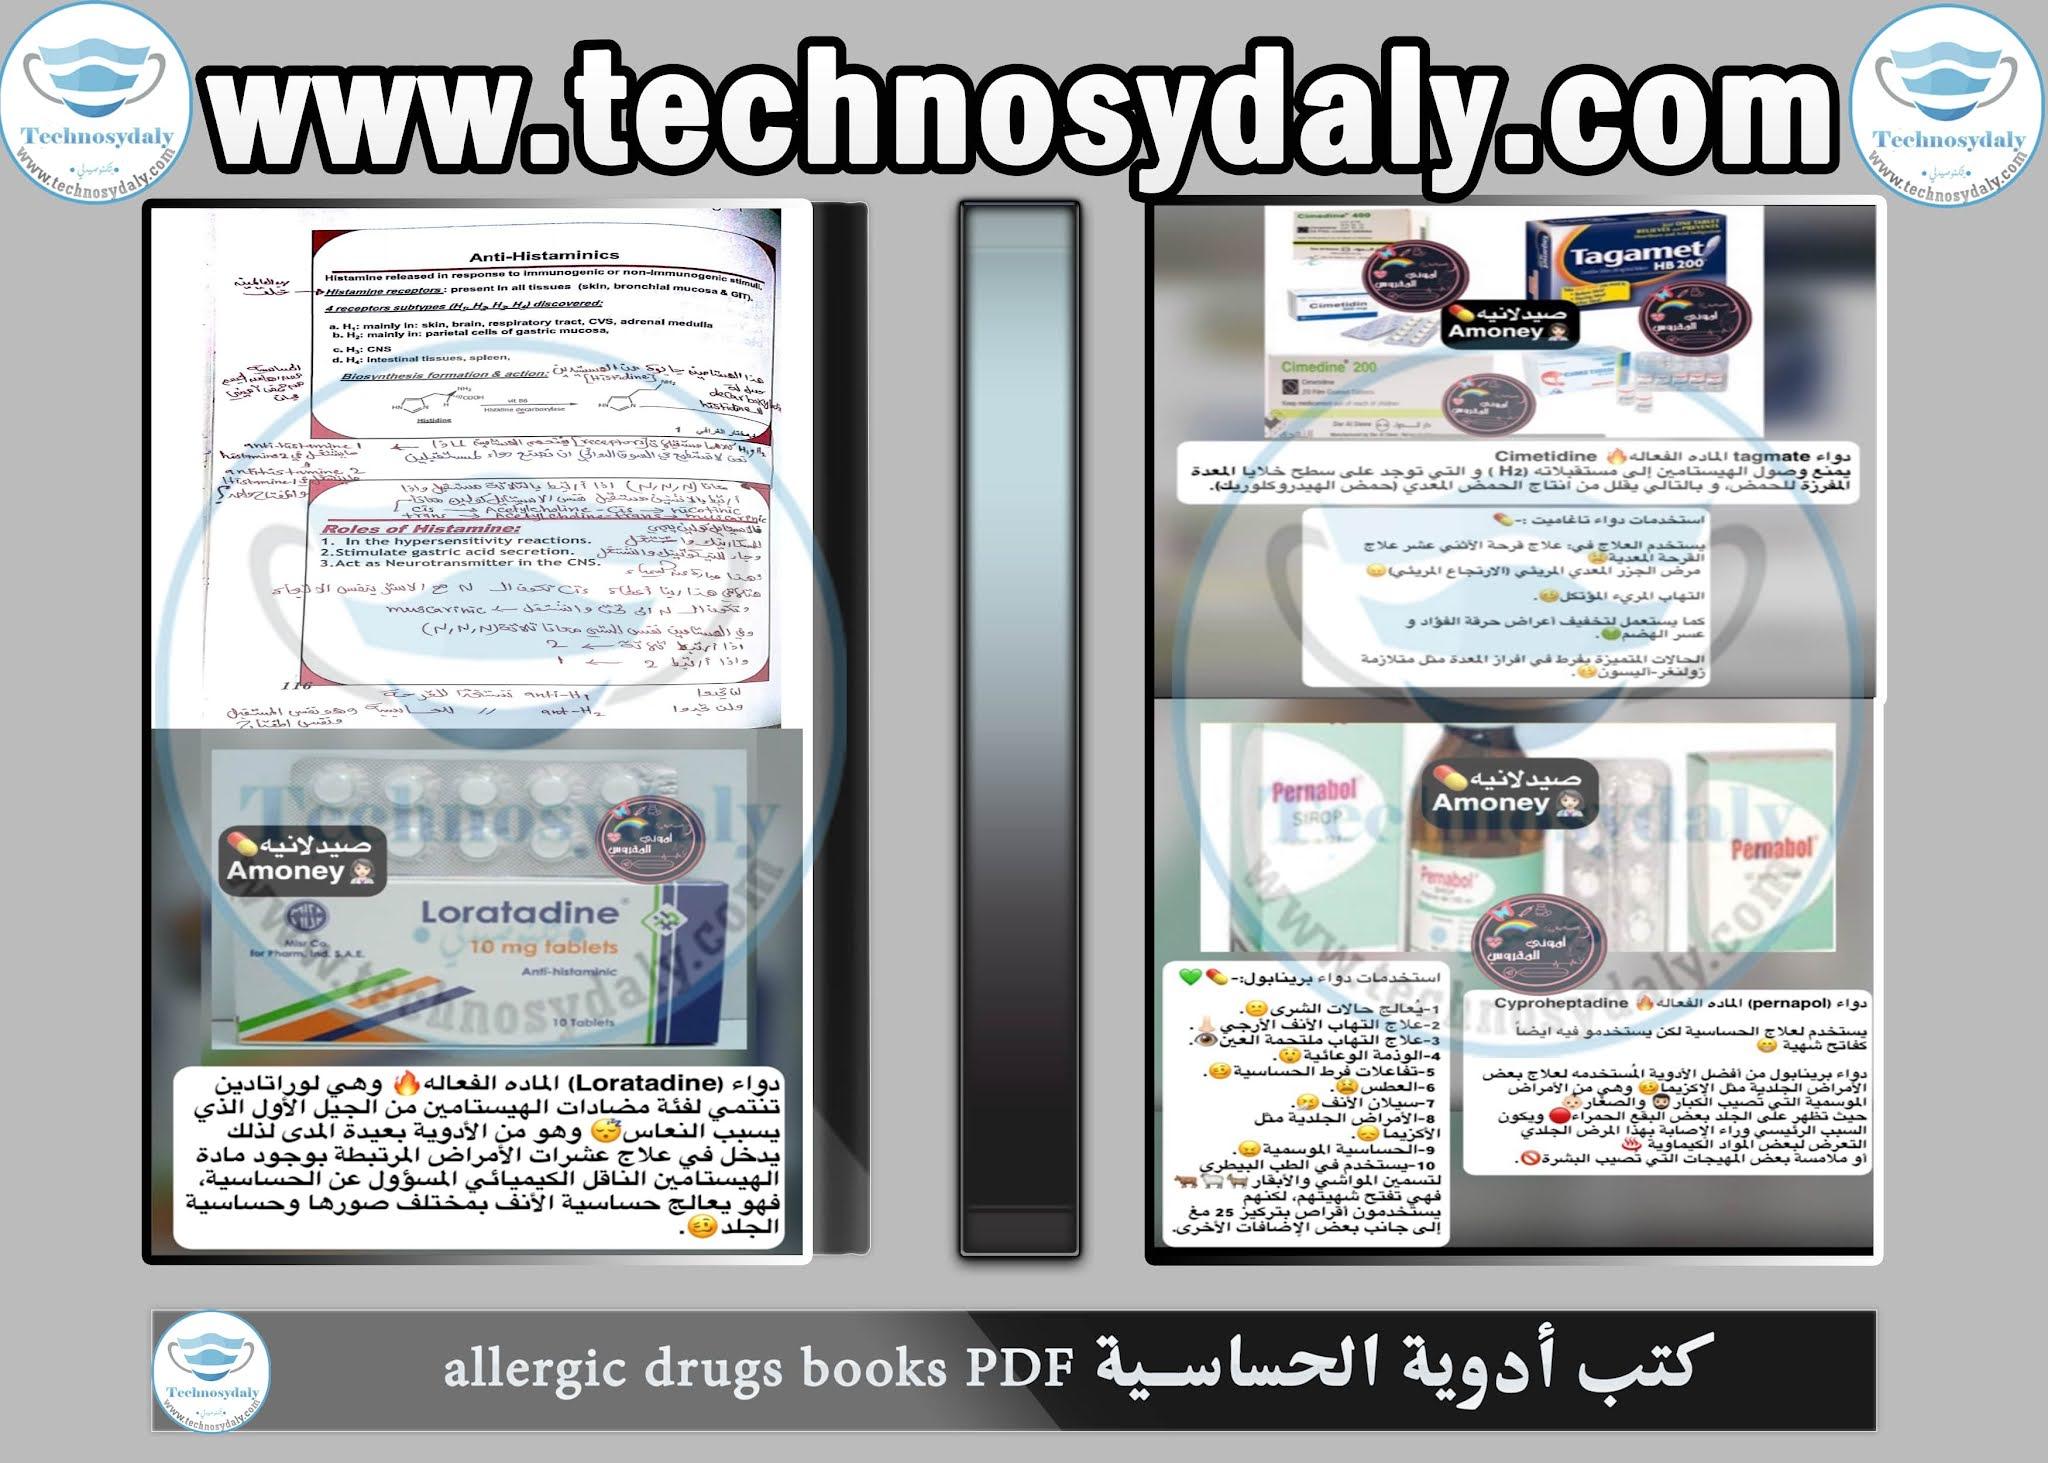 كتب أدوية الحساسية allergic drugs books PDF